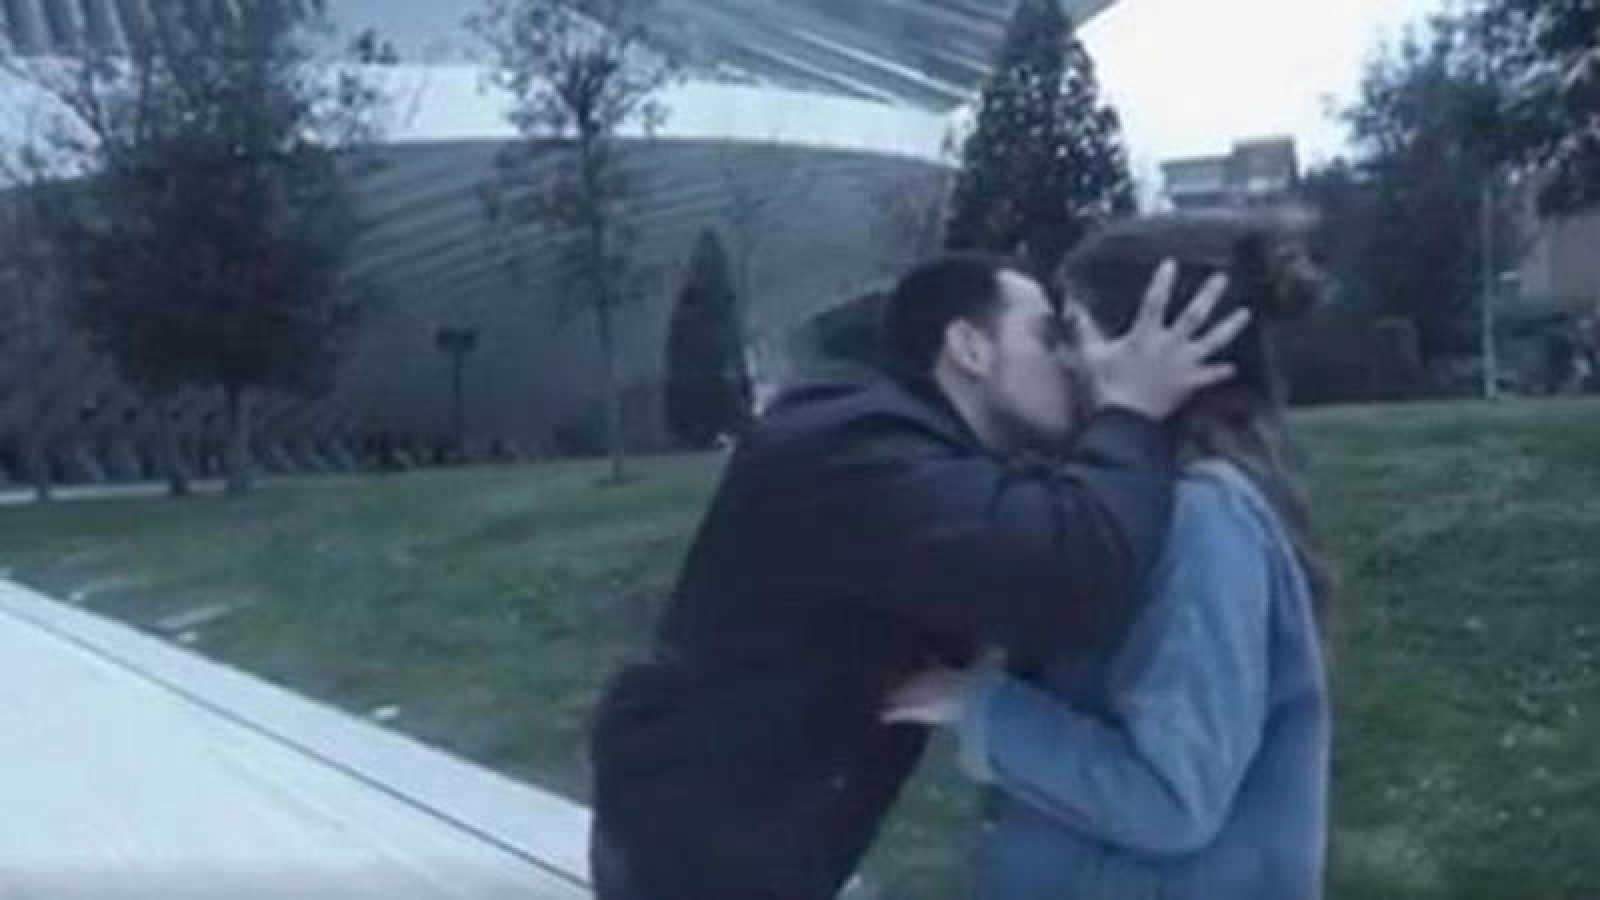 Wilson Alfonso colgó en Youtube el video con los besos sin consentimiento.